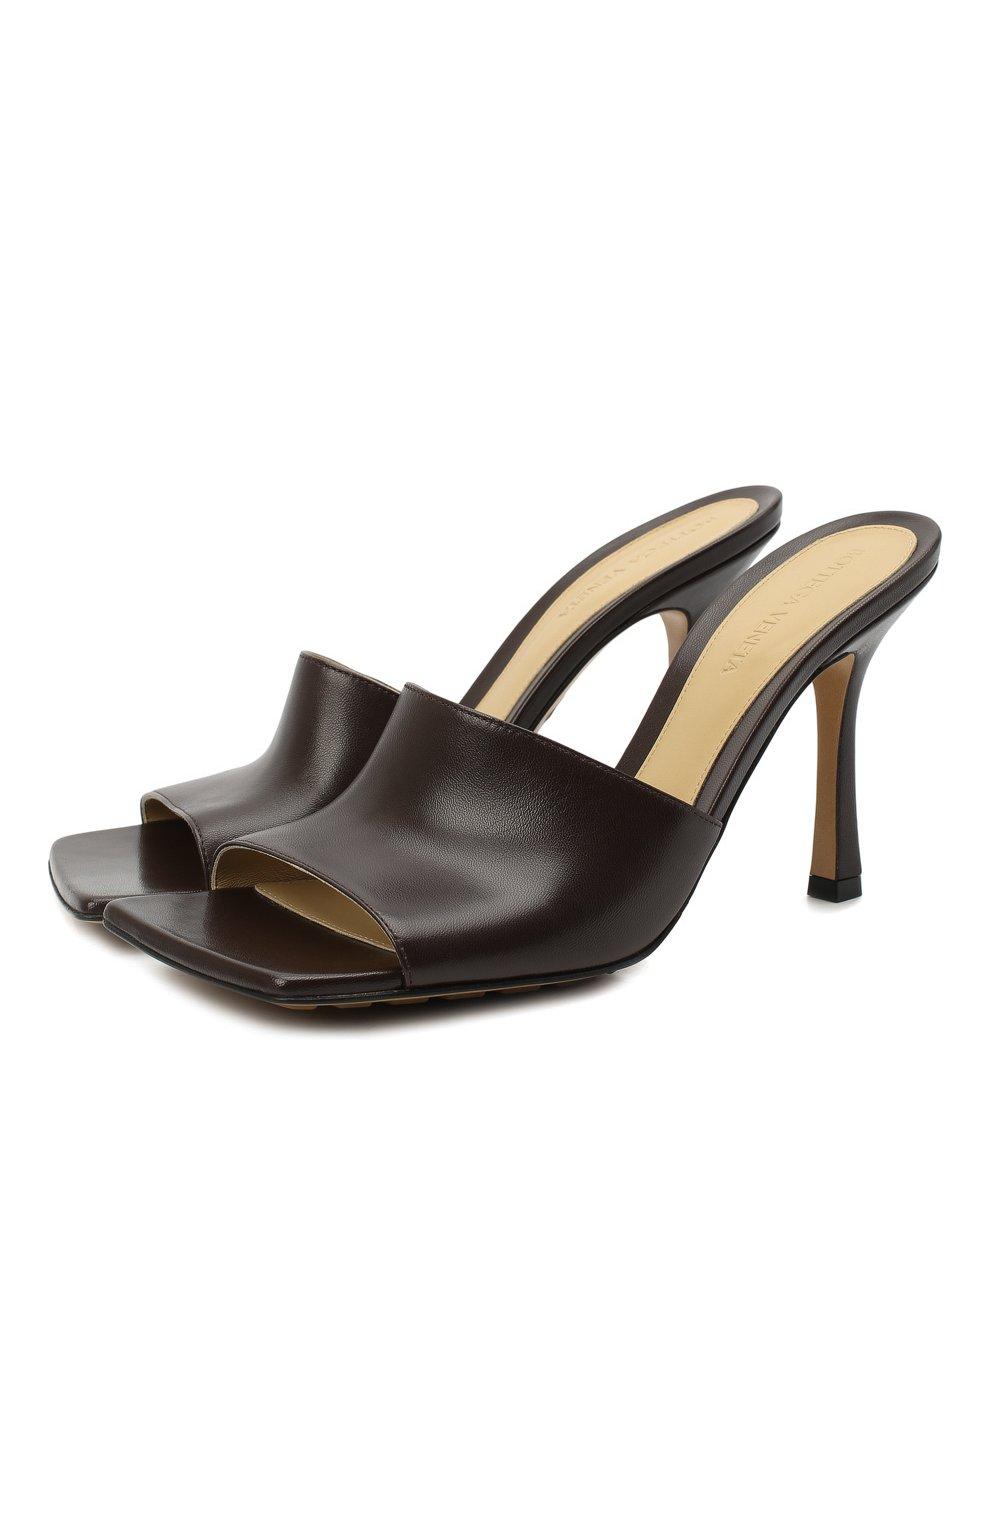 Женские кожаные мюли the stretch BOTTEGA VENETA коричневого цвета, арт. 610538/VBSF0 | Фото 1 (Каблук высота: Высокий; Материал внутренний: Натуральная кожа; Каблук тип: Шпилька; Подошва: Плоская)